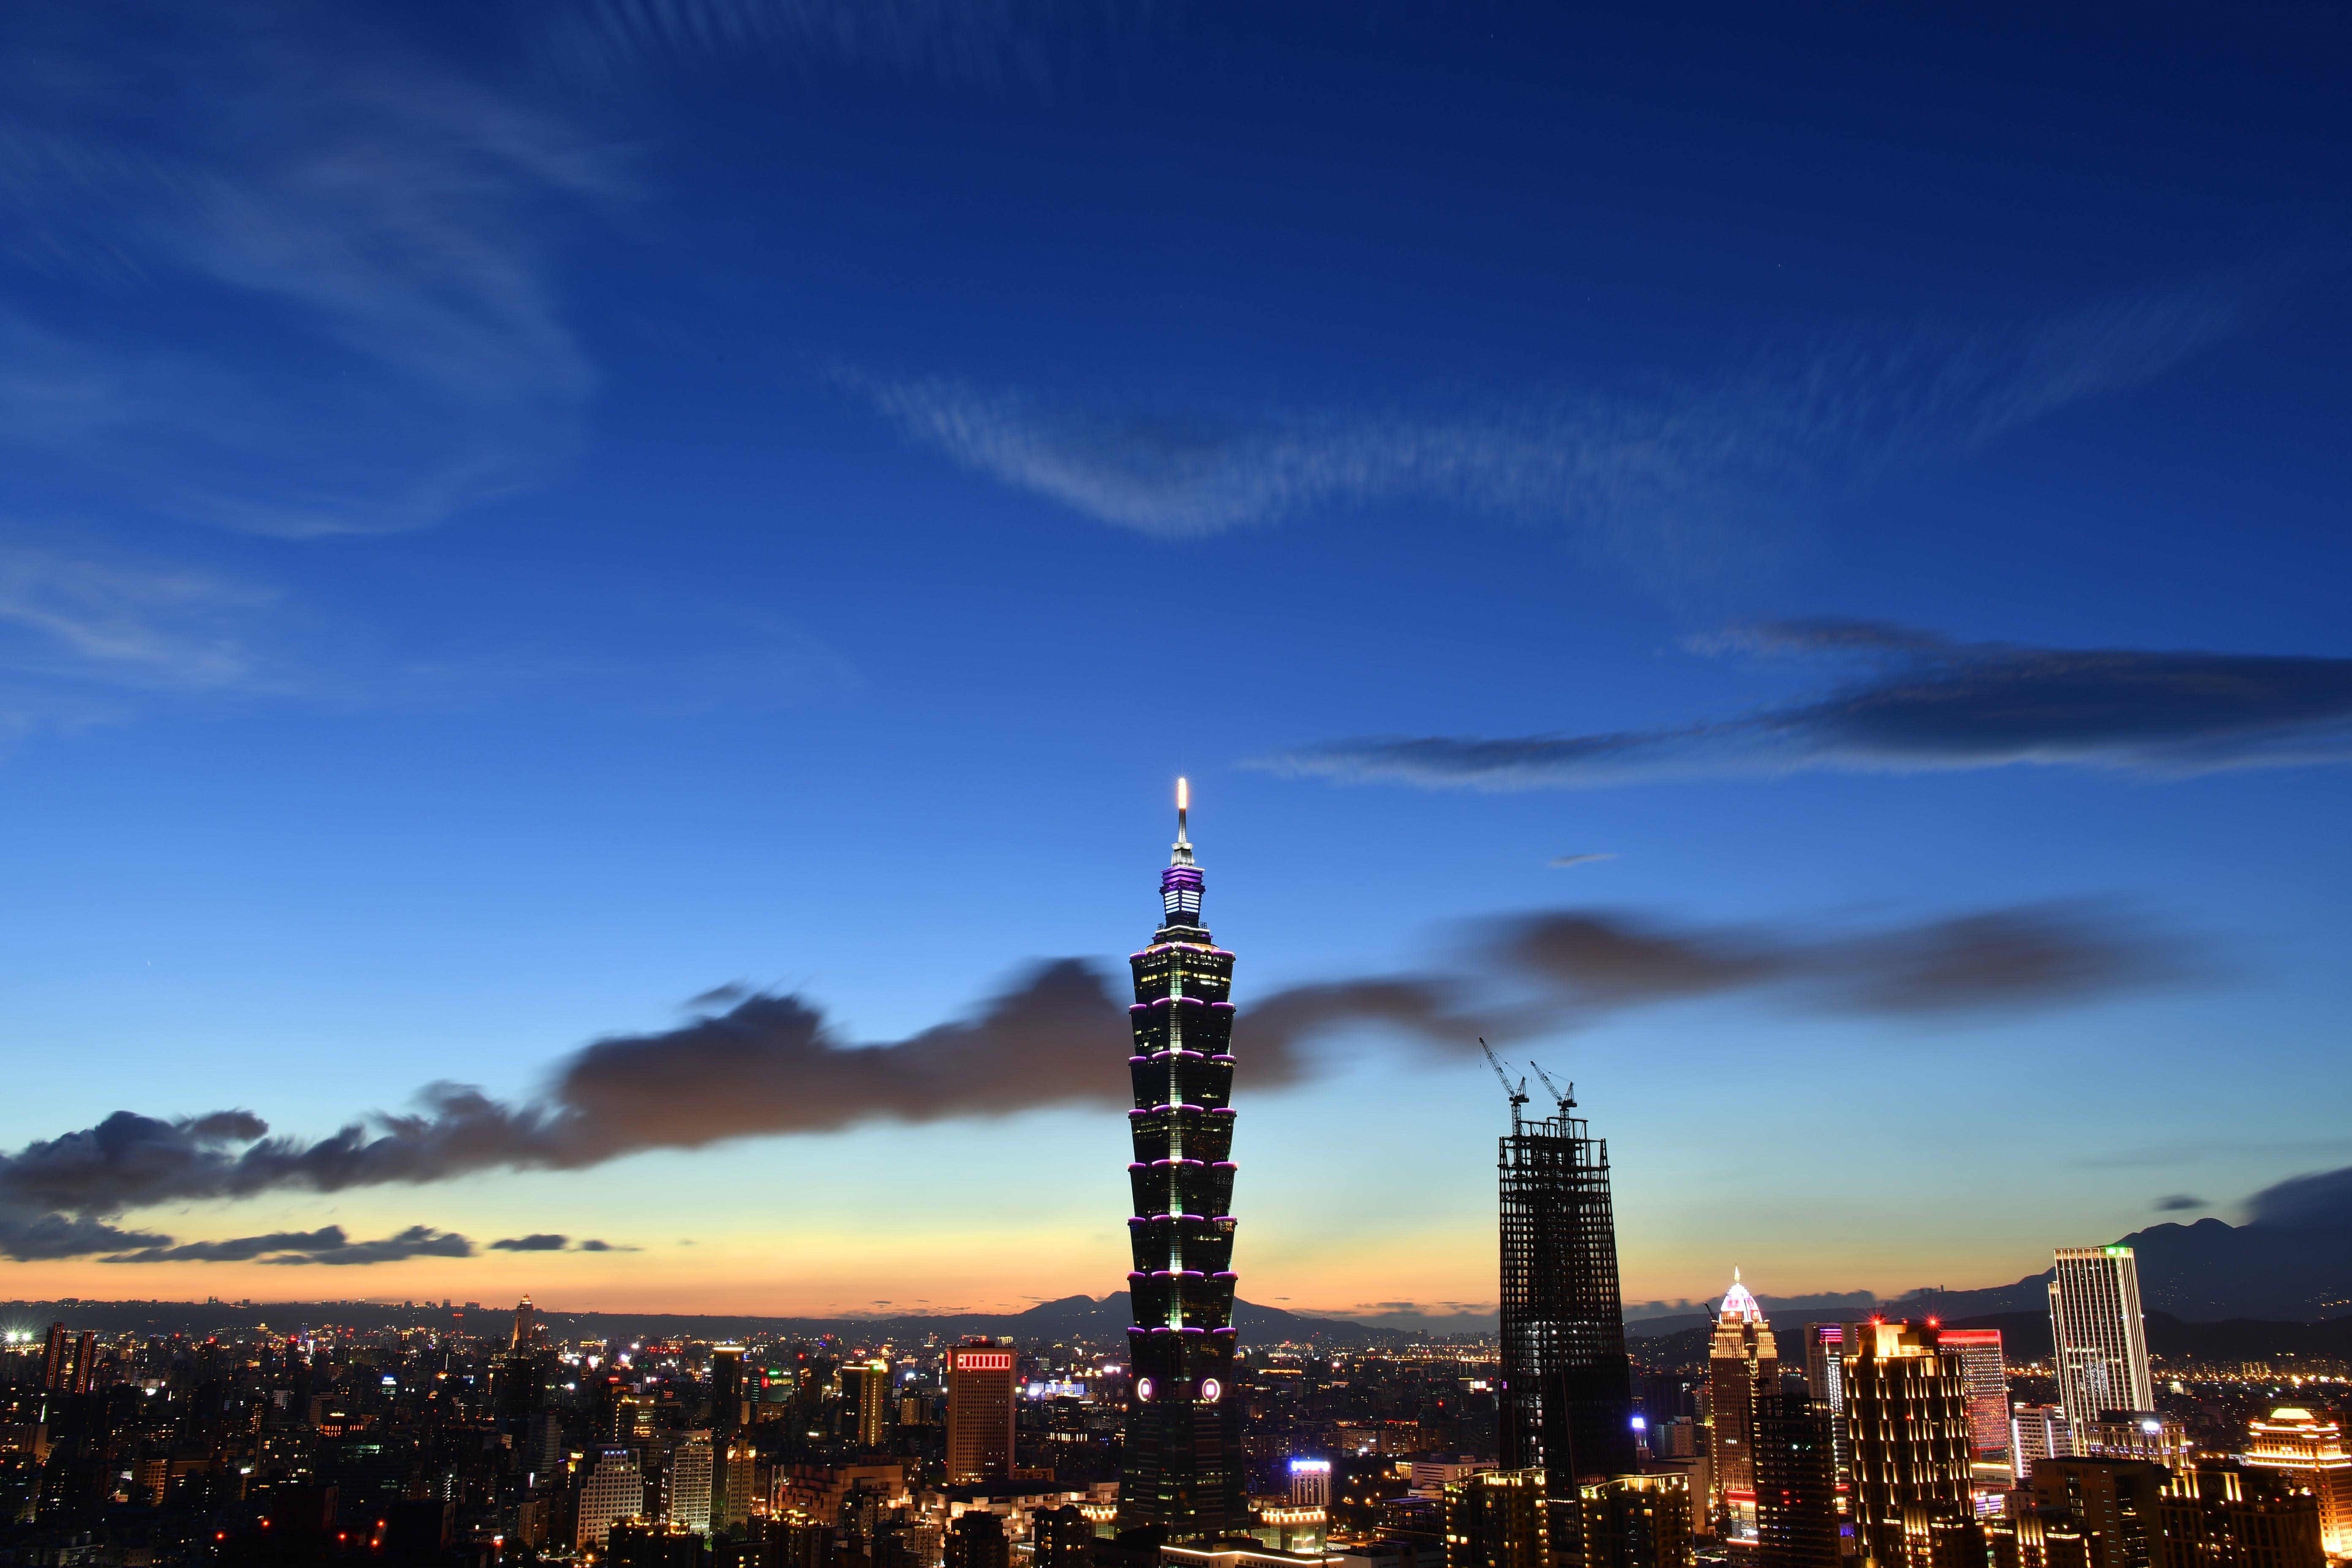 akşam, aydınlatılmış, binalar, gece içeren Ücretsiz stok fotoğraf